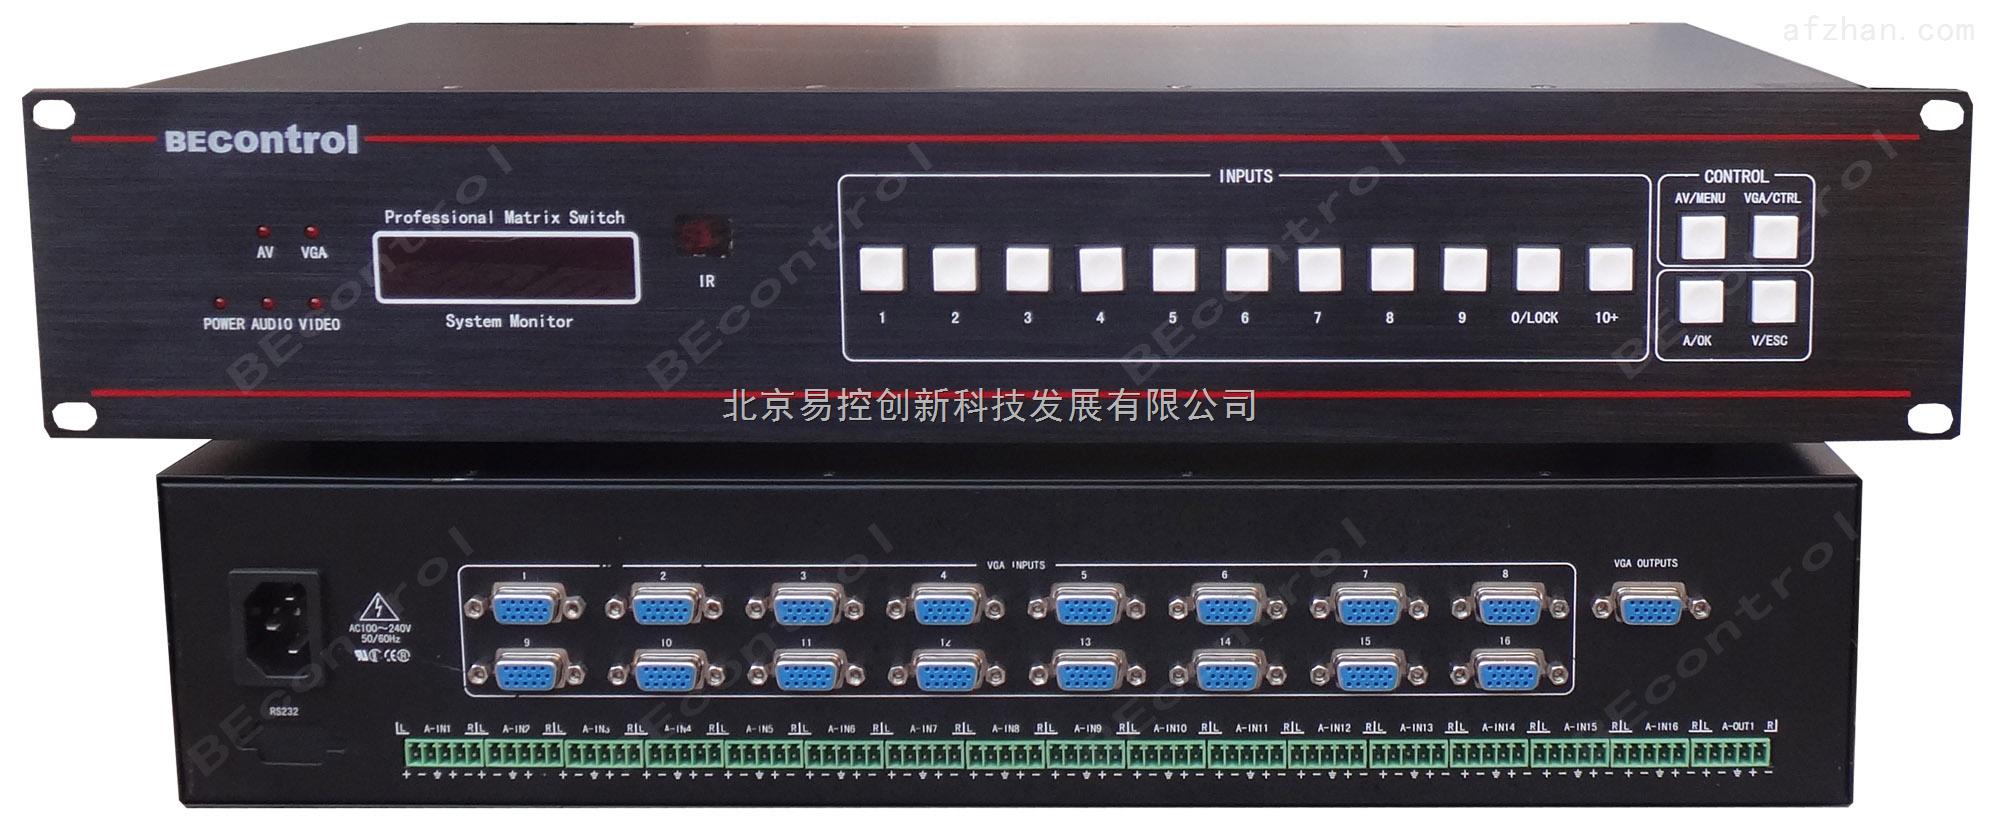 多主机切换器_电脑切换器,主机切换器,选择器,共享器八口,十六口vga视频切换,音频